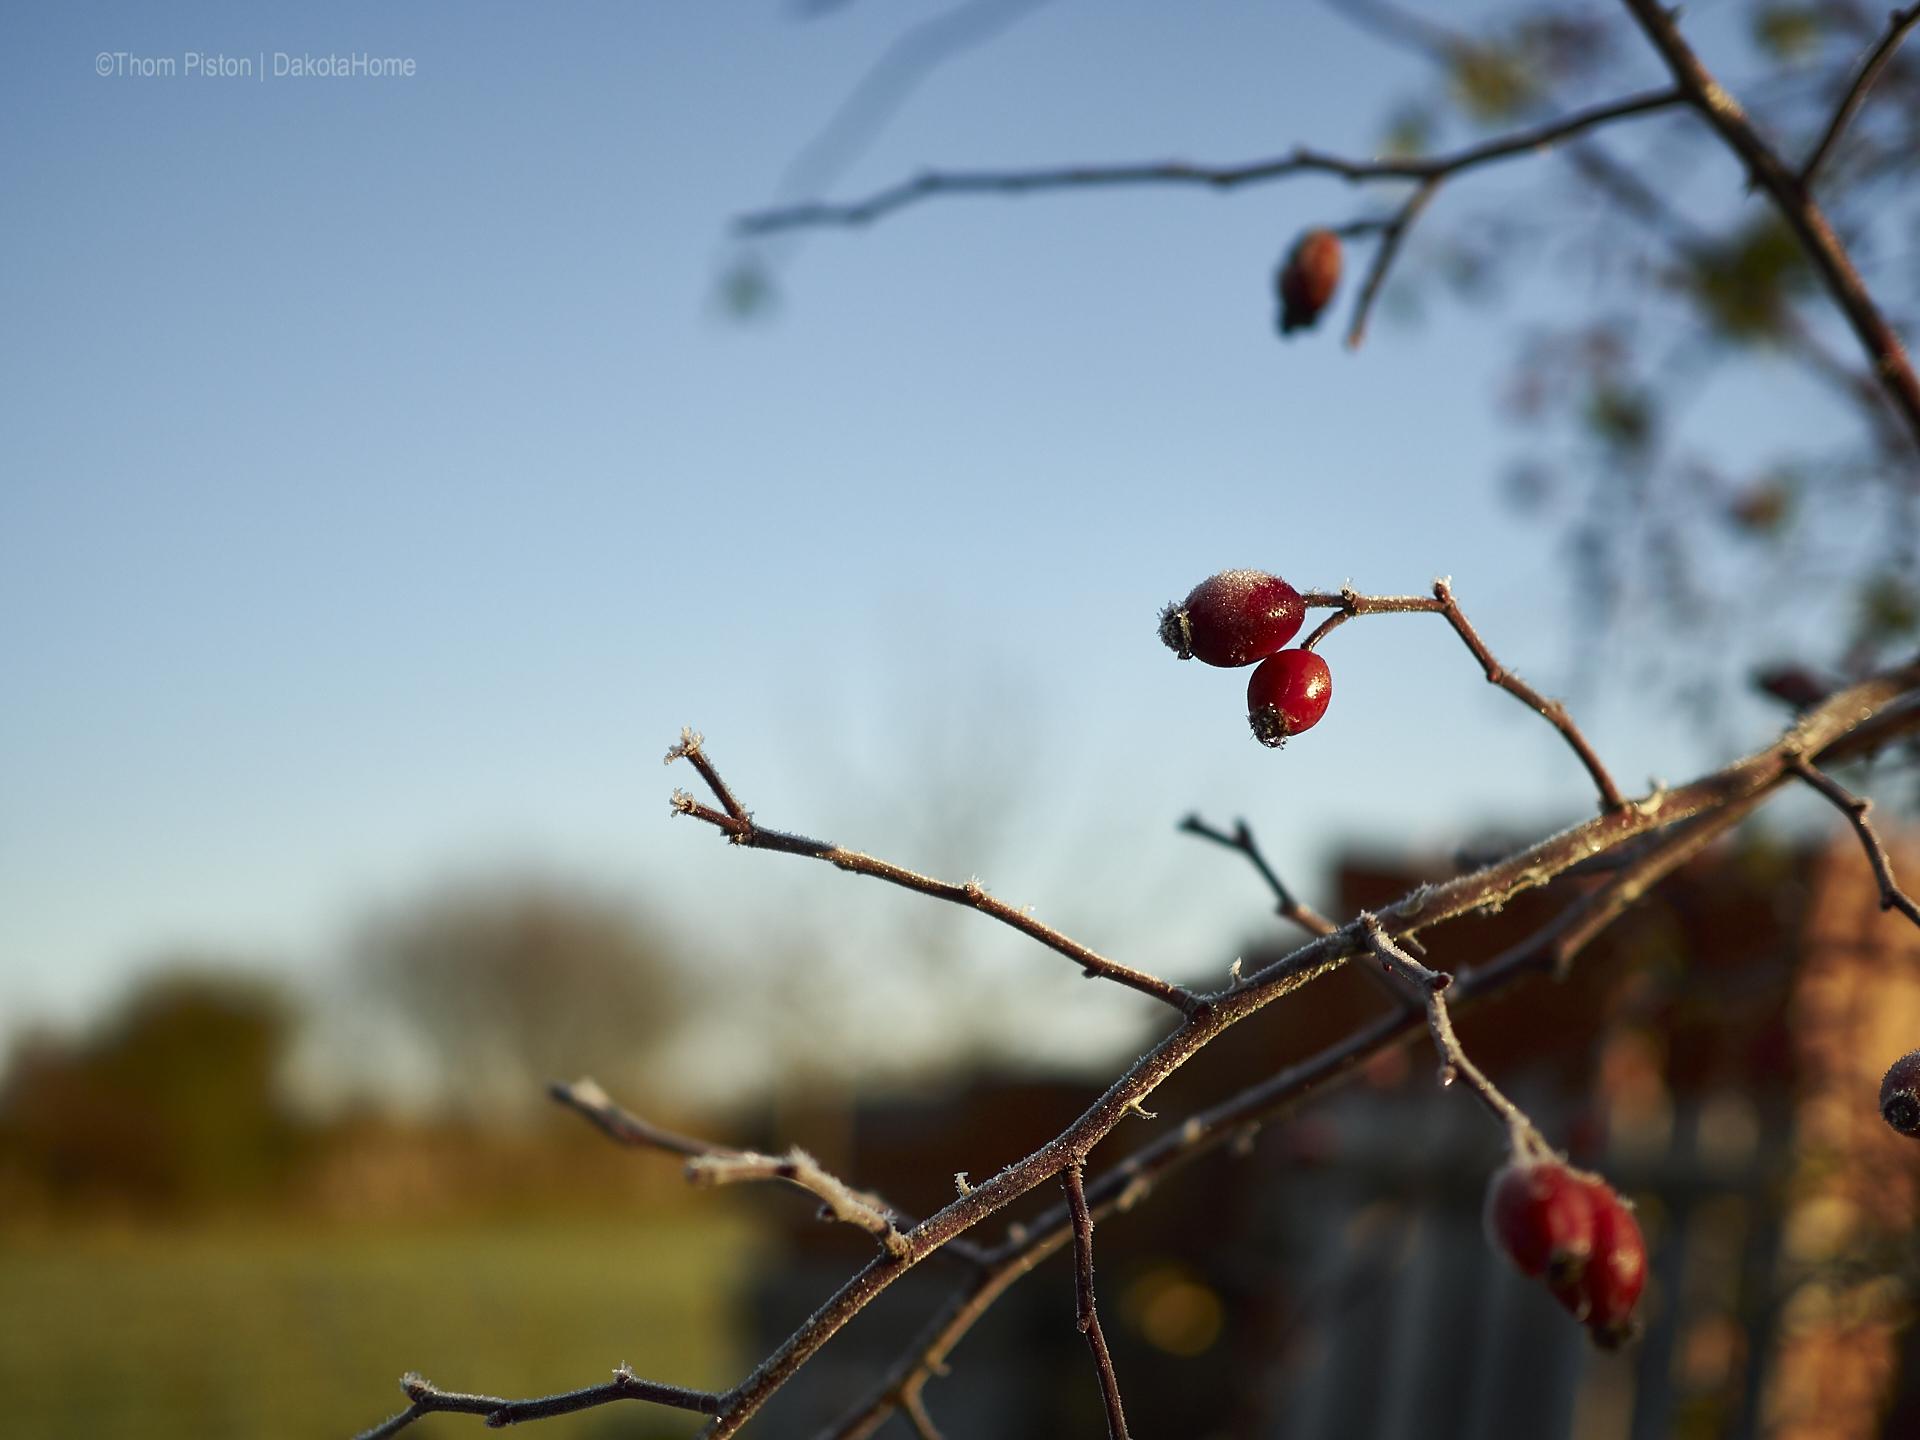 ...der erste wirkliche Frost über mehrere Tage